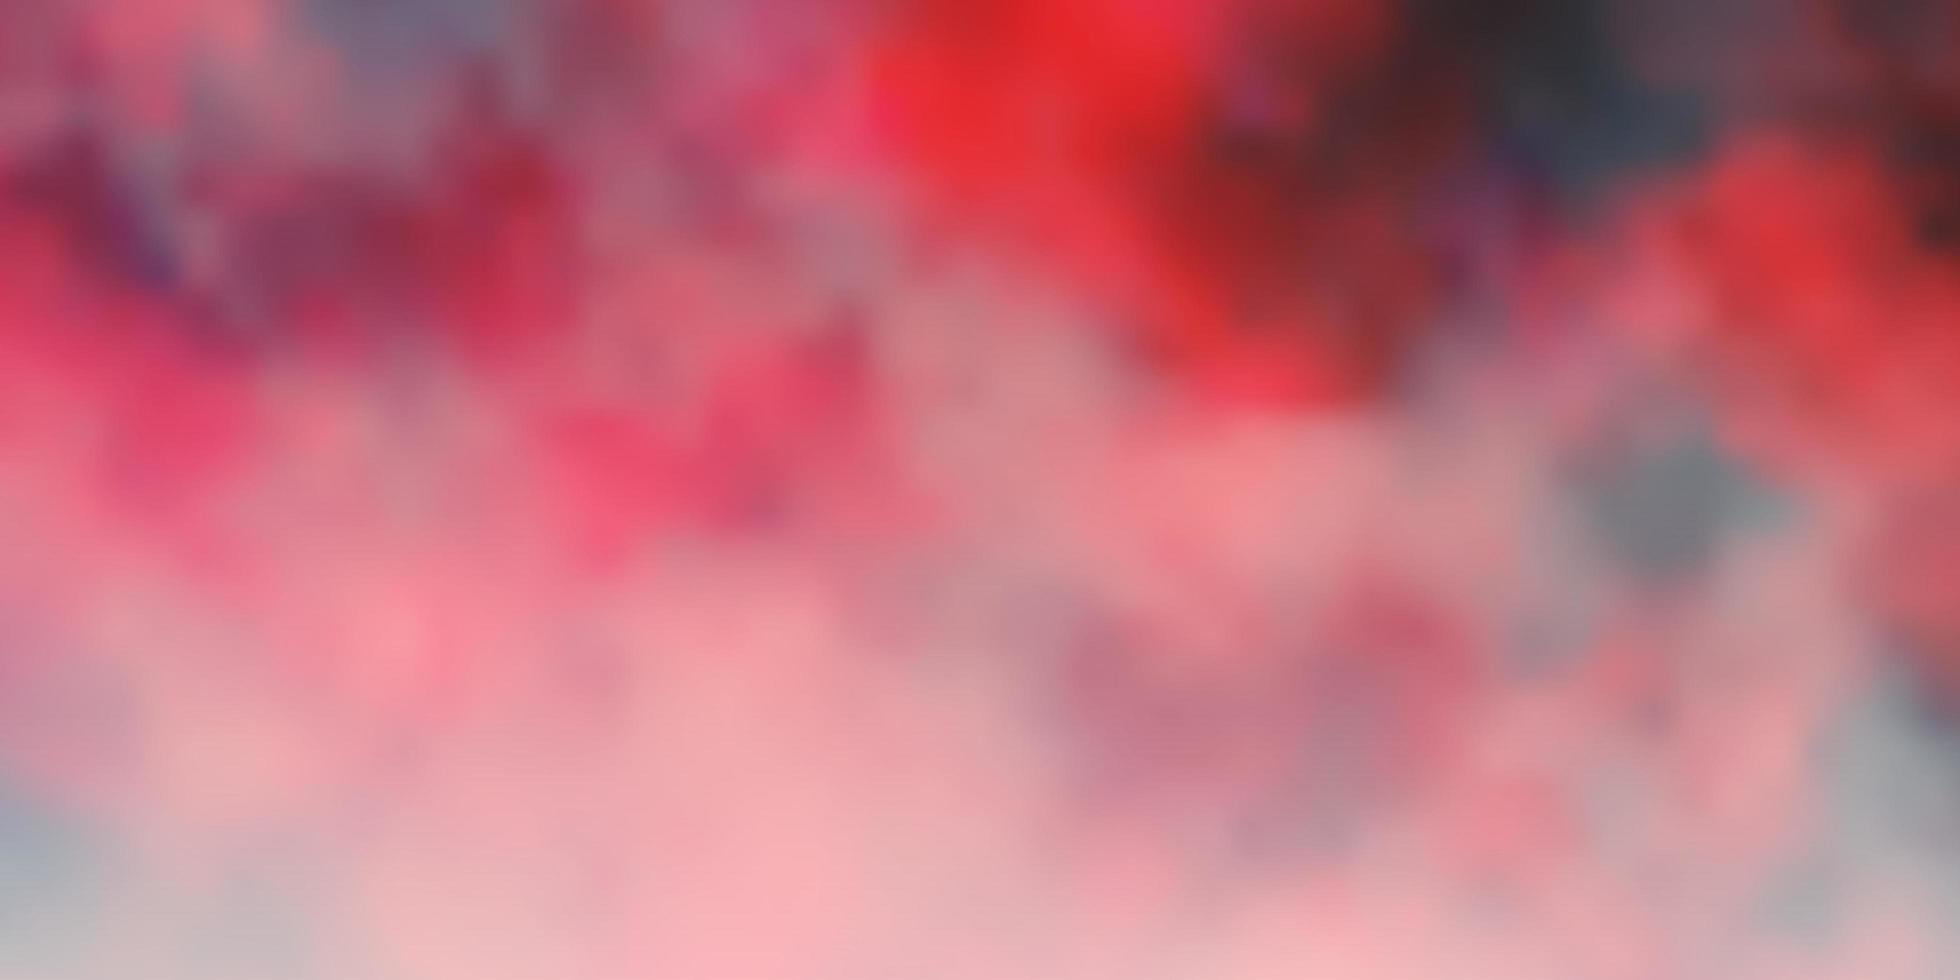 fundo laranja escuro do vetor com nuvens.